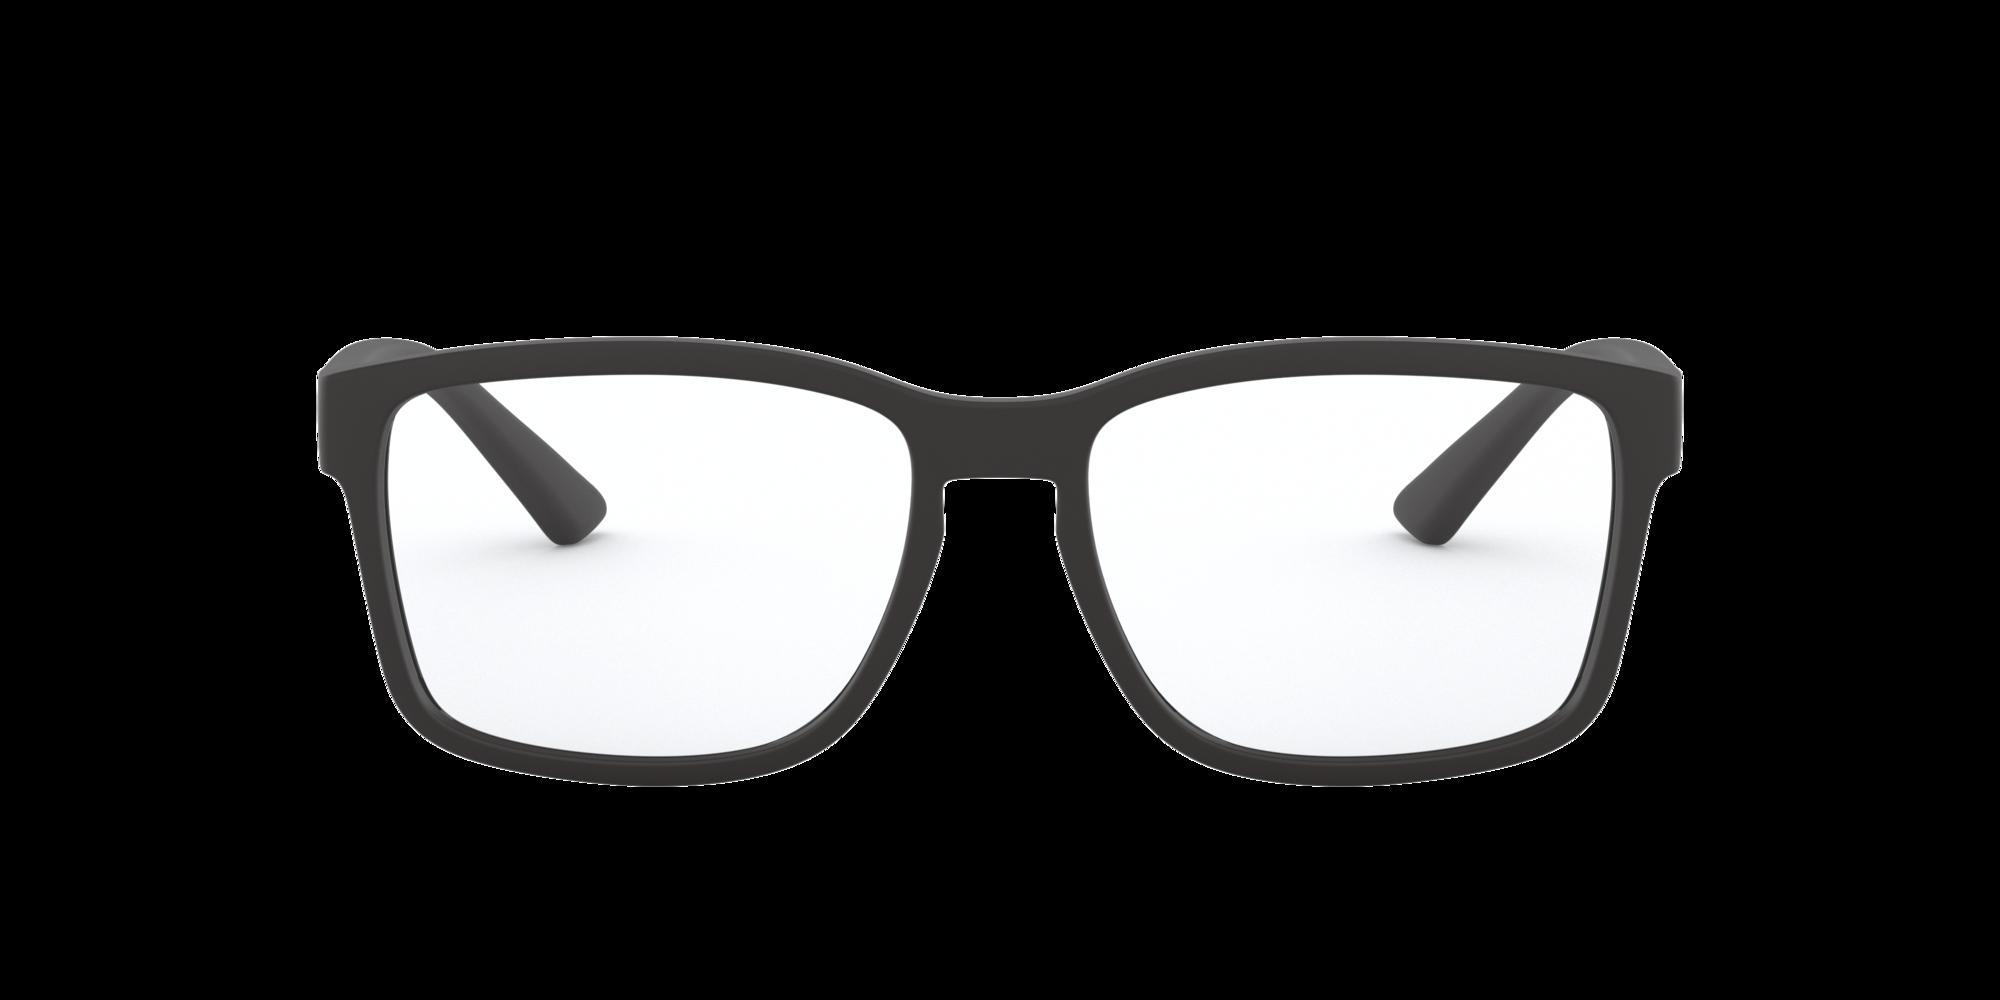 Imagen para AN7177 de LensCrafters |  Espejuelos, espejuelos graduados en línea, gafas